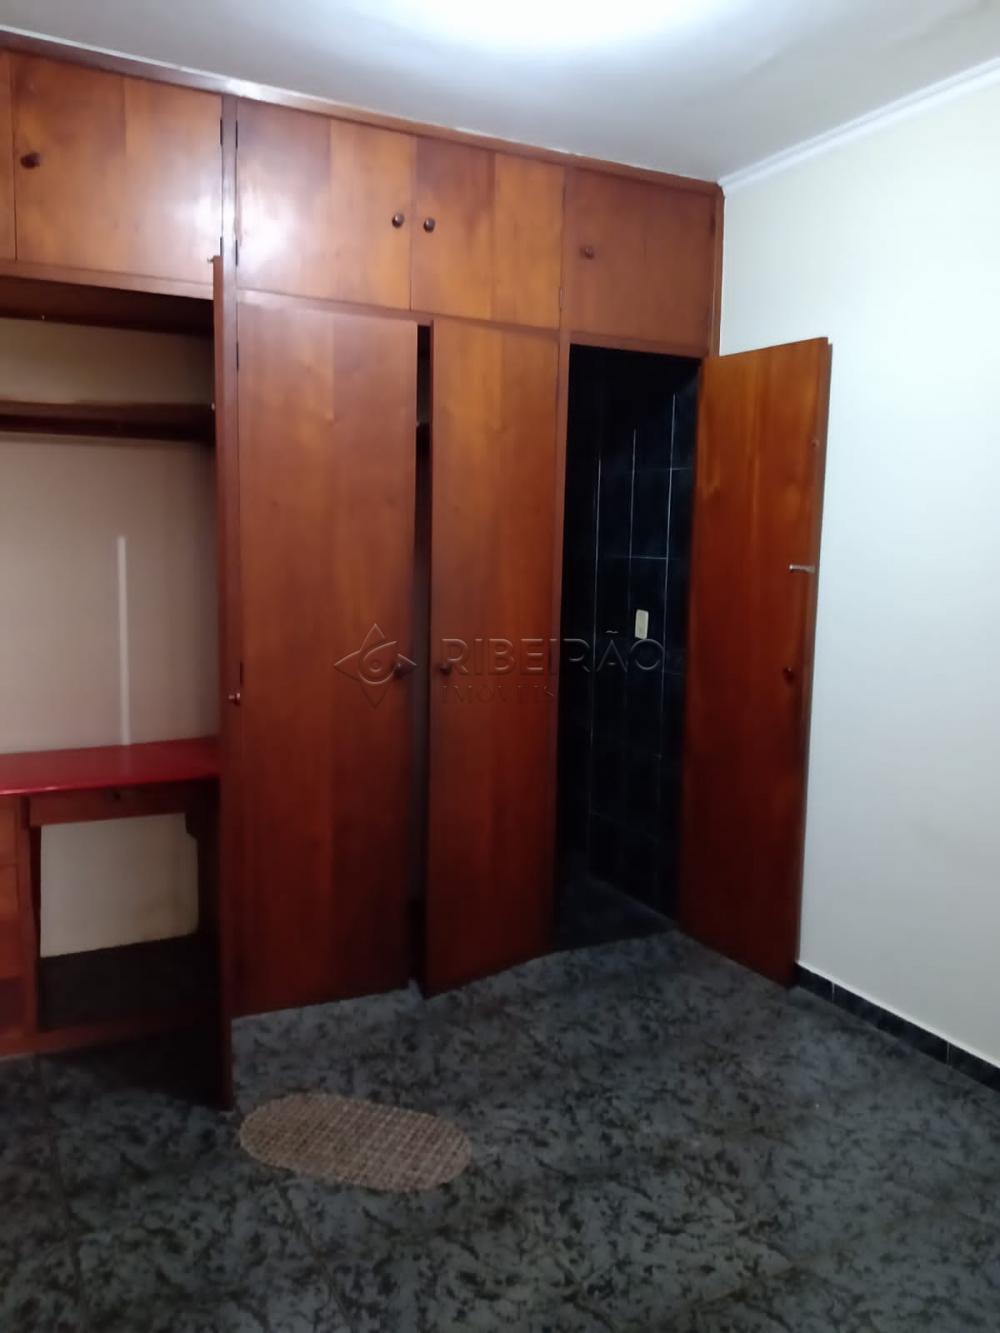 Alugar Casa / Sobrado em Ribeirão Preto R$ 1.400,00 - Foto 24